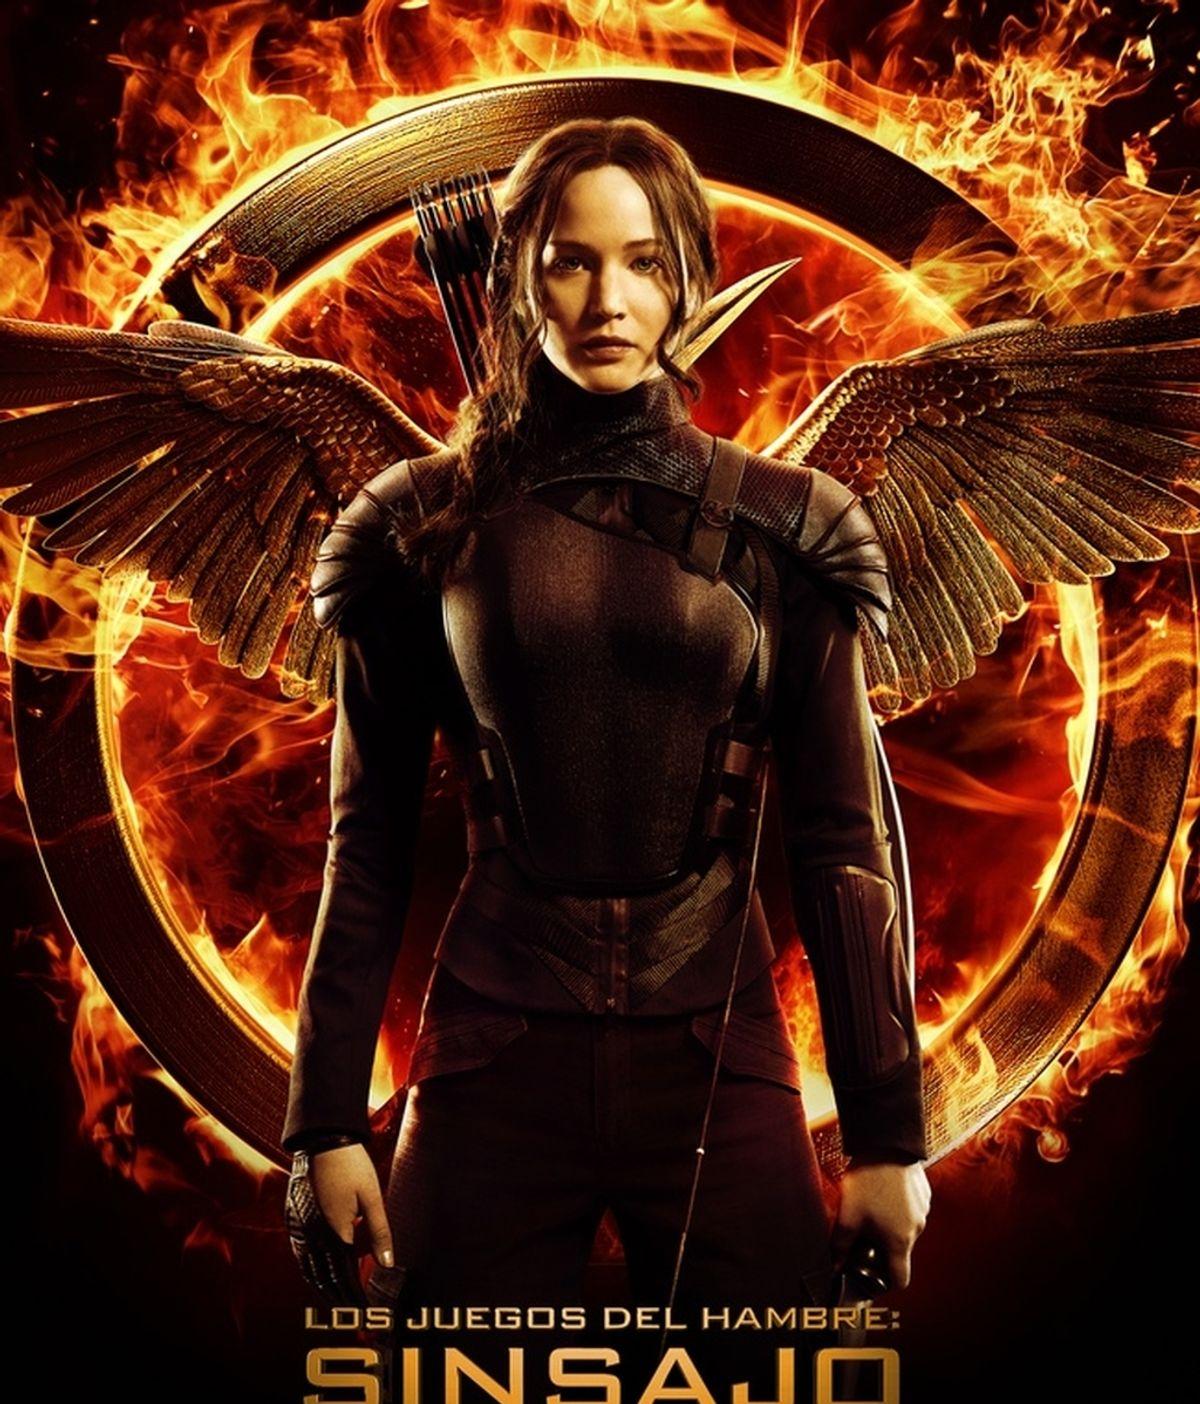 Jennifer Lawrence luce alas en el cartel final de Los juegos del hambre: Sinsajo